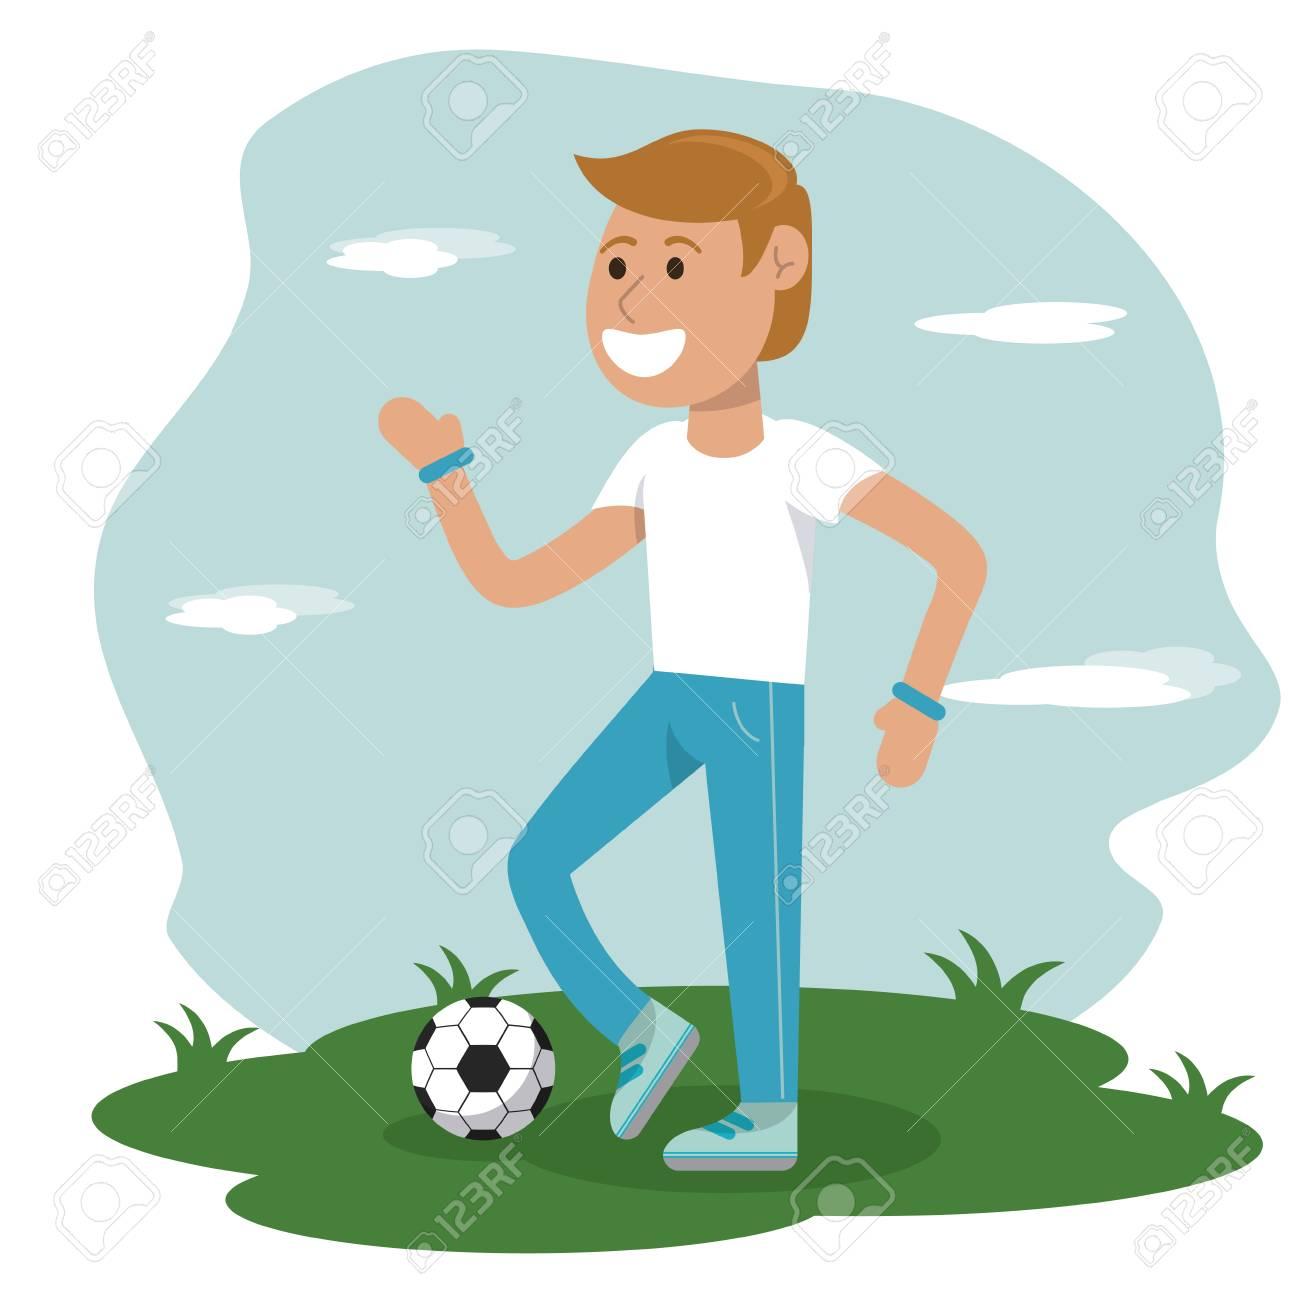 Educación Física Niño Jugando Fútbol Deporte Escuela Vector